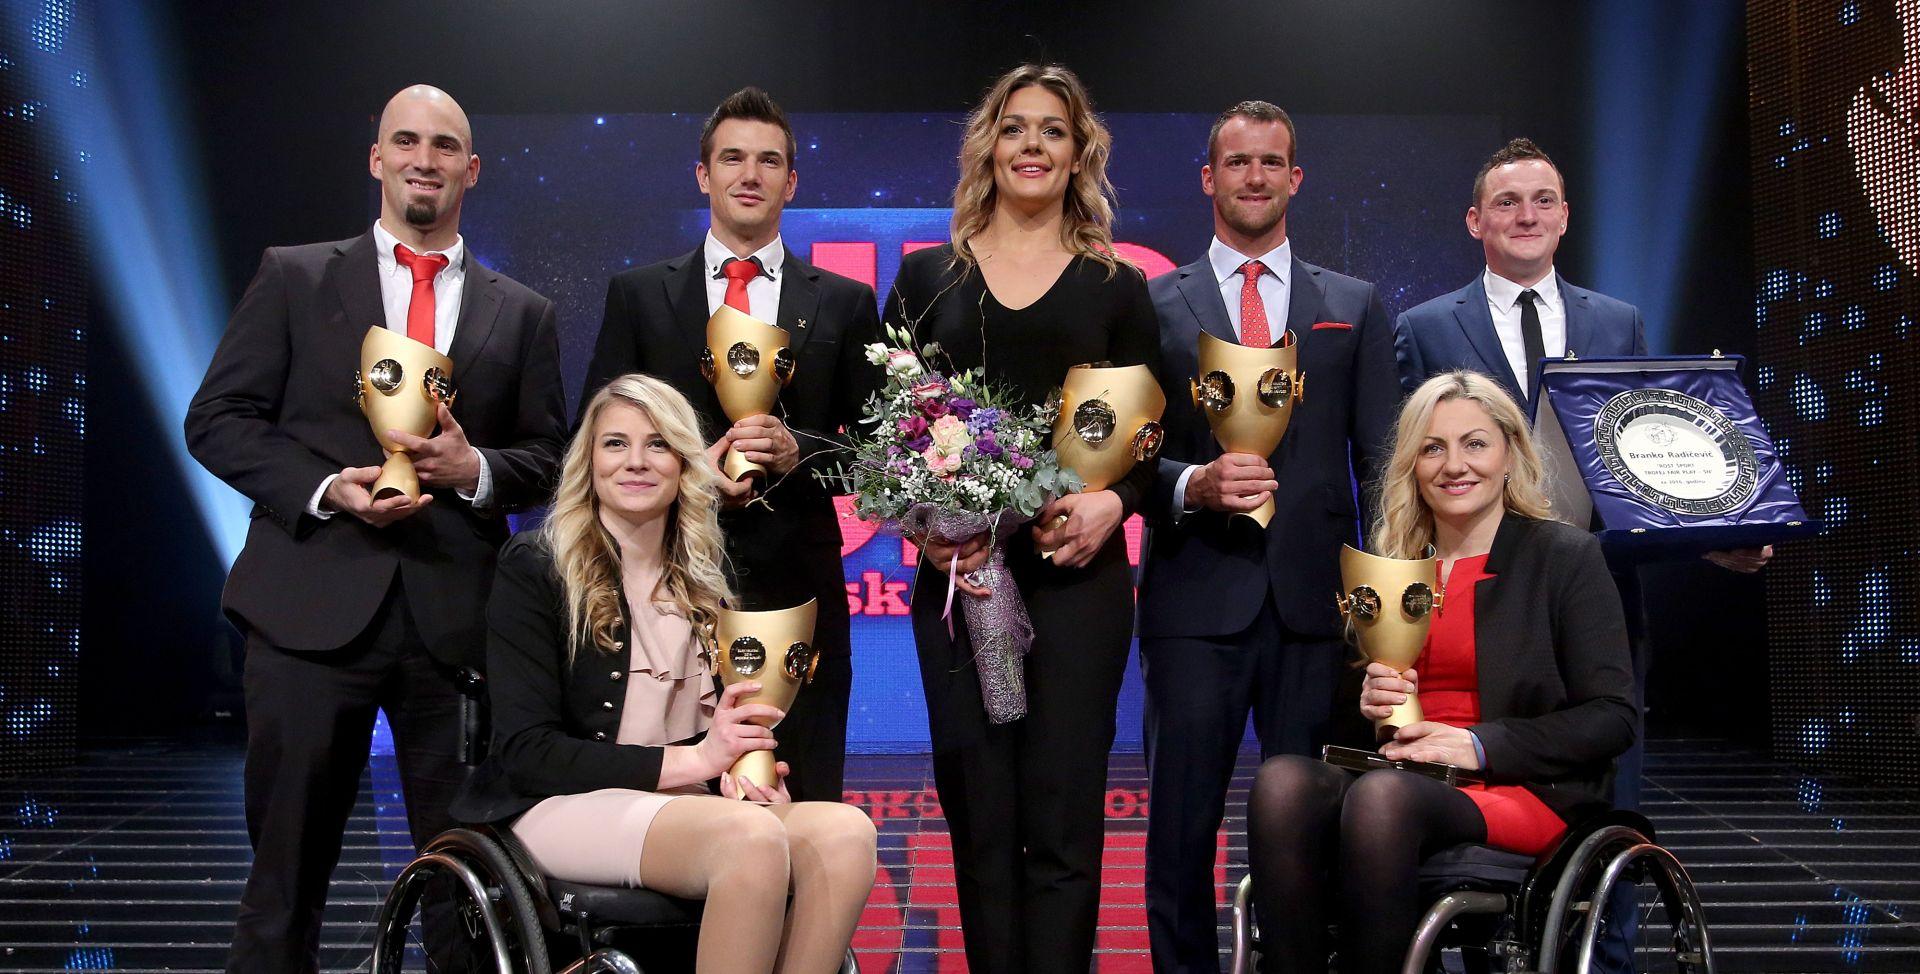 Perković i Martin najbolji sportaši, Mužinić i Dretar Karić najbolja ekipa, braća Sinković najbolja momčad